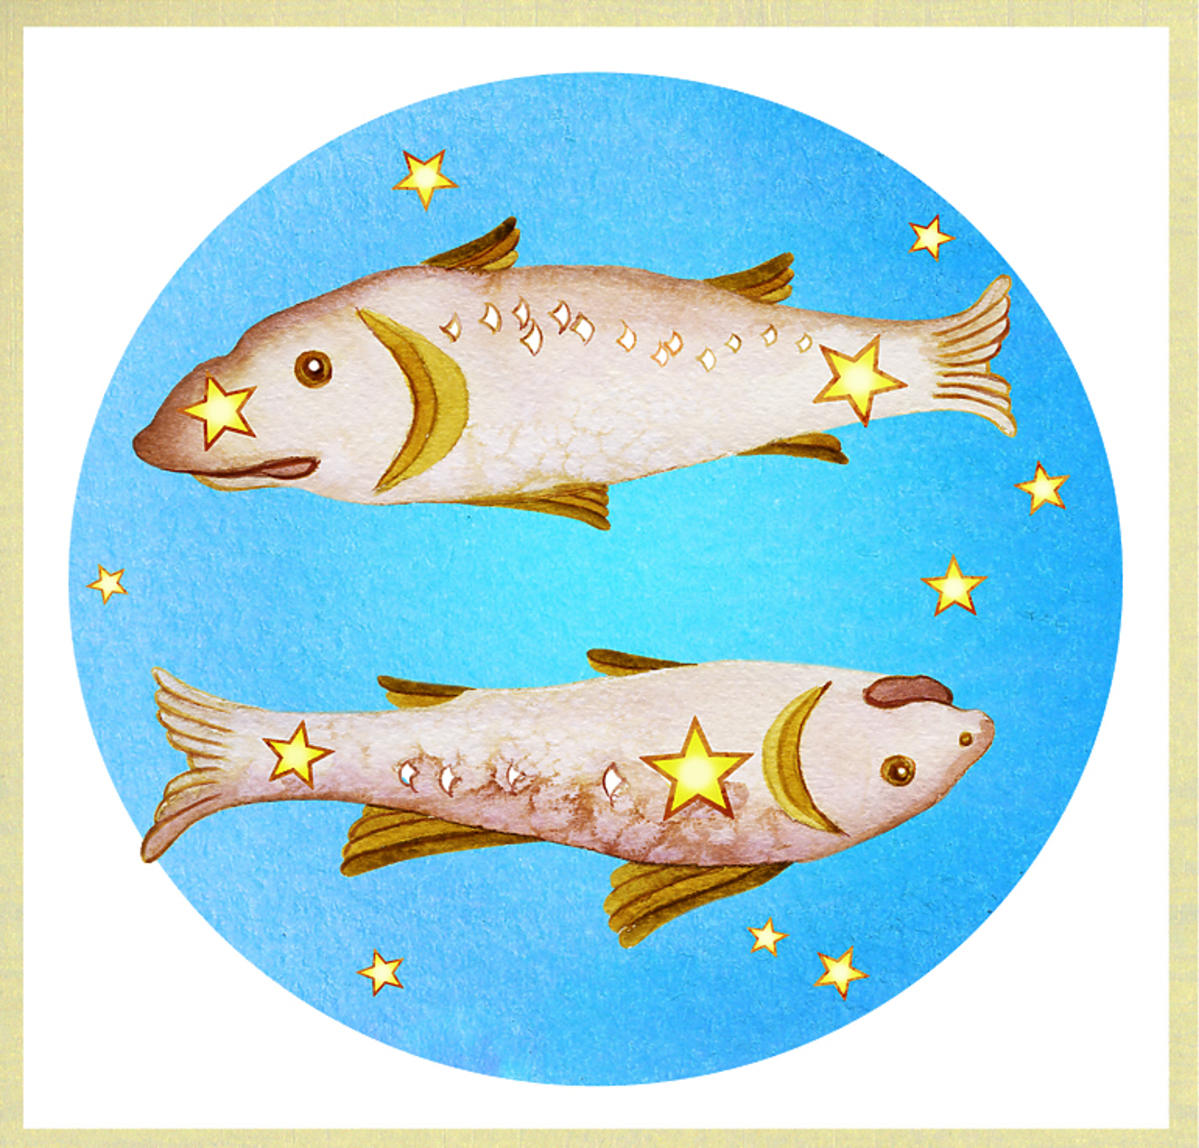 Ryby horoskop zodiak